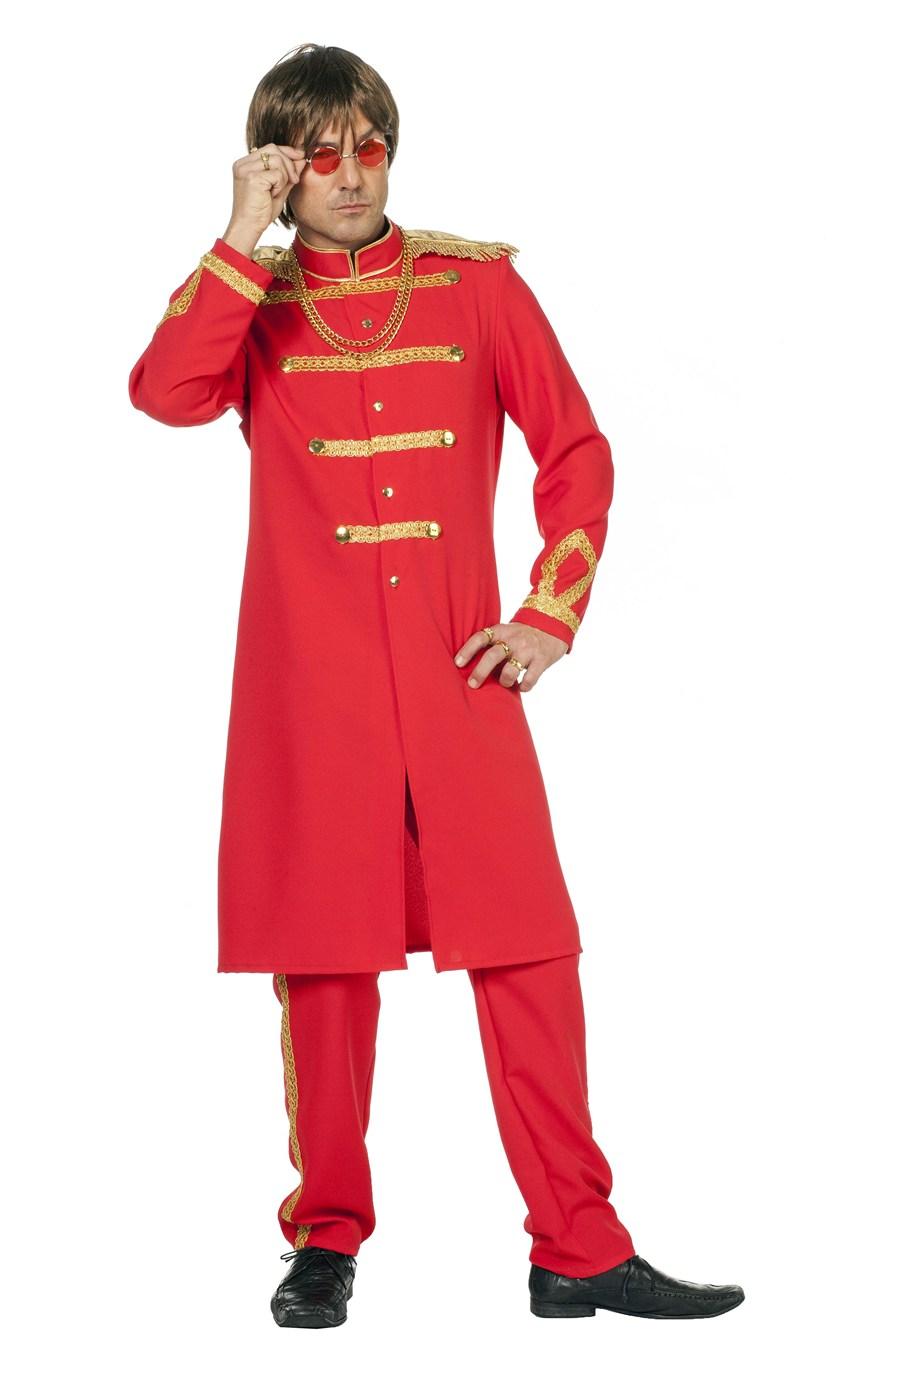 Sgt Pepper asu  a9e4f59f1e